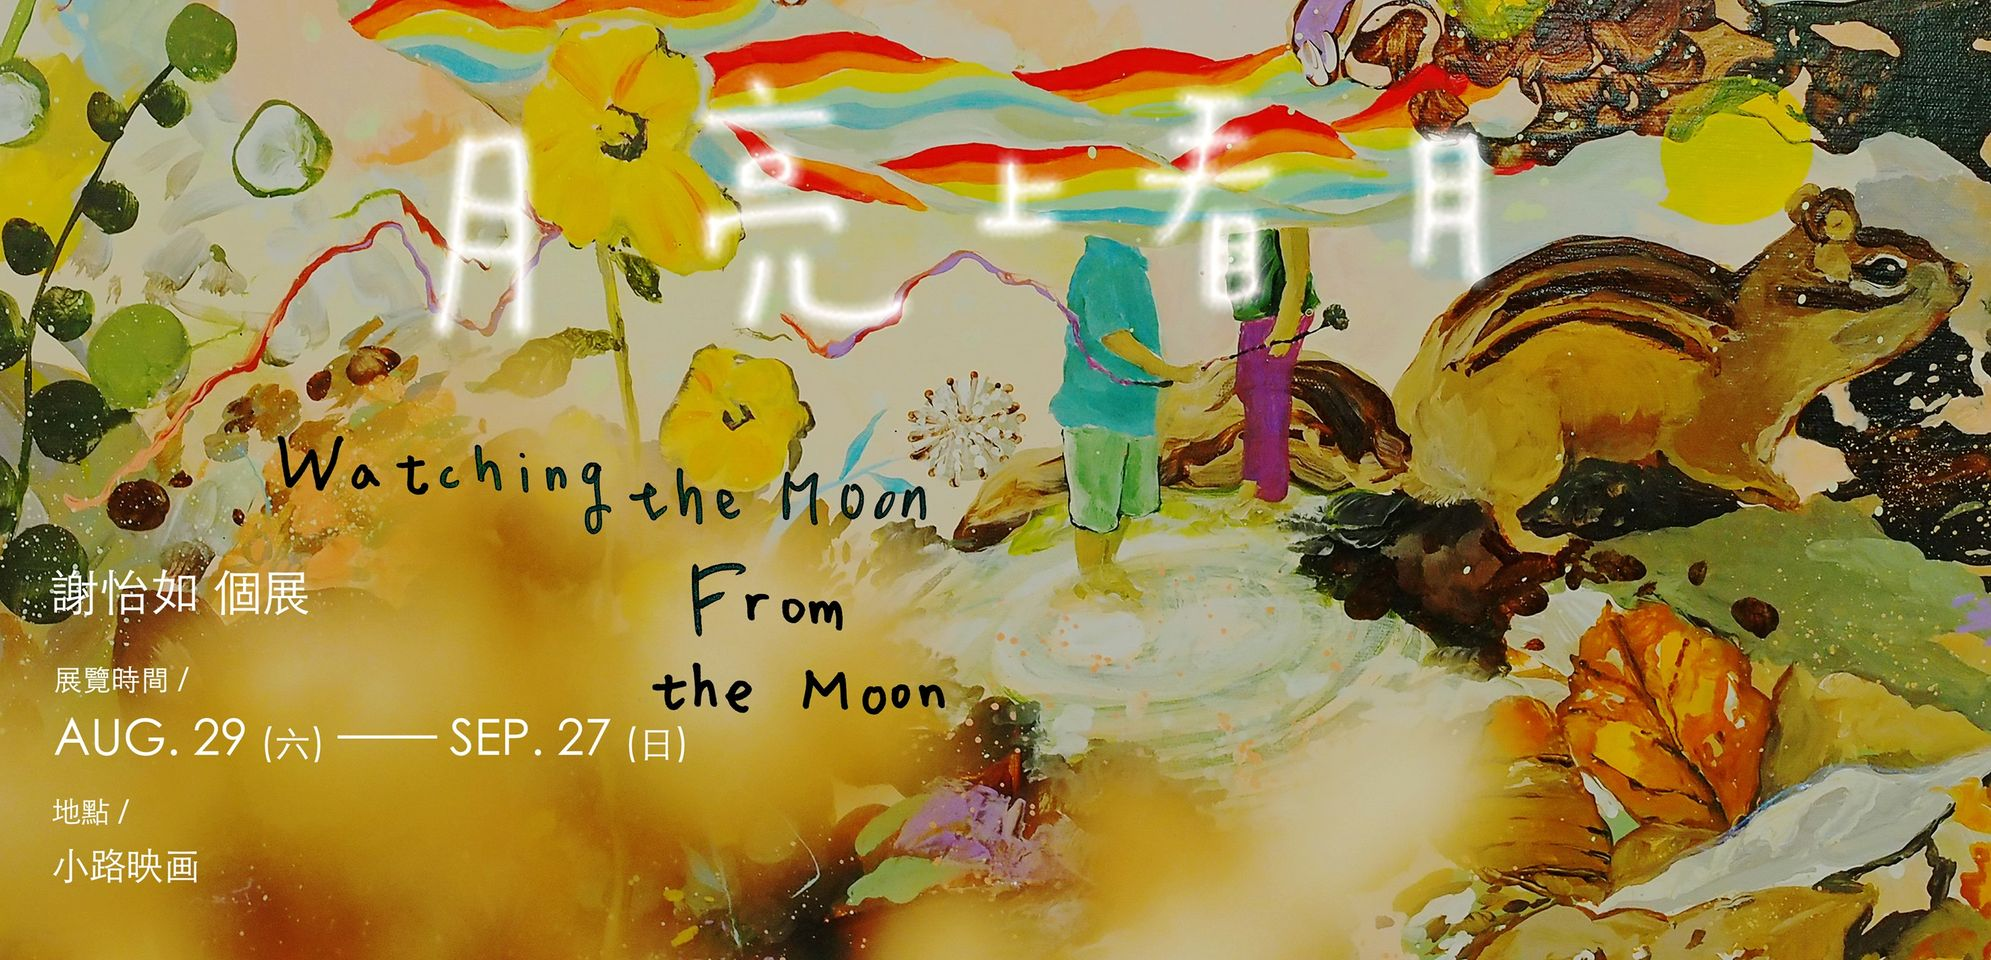 【月亮上看月|謝怡如 2020 個展】小路映画